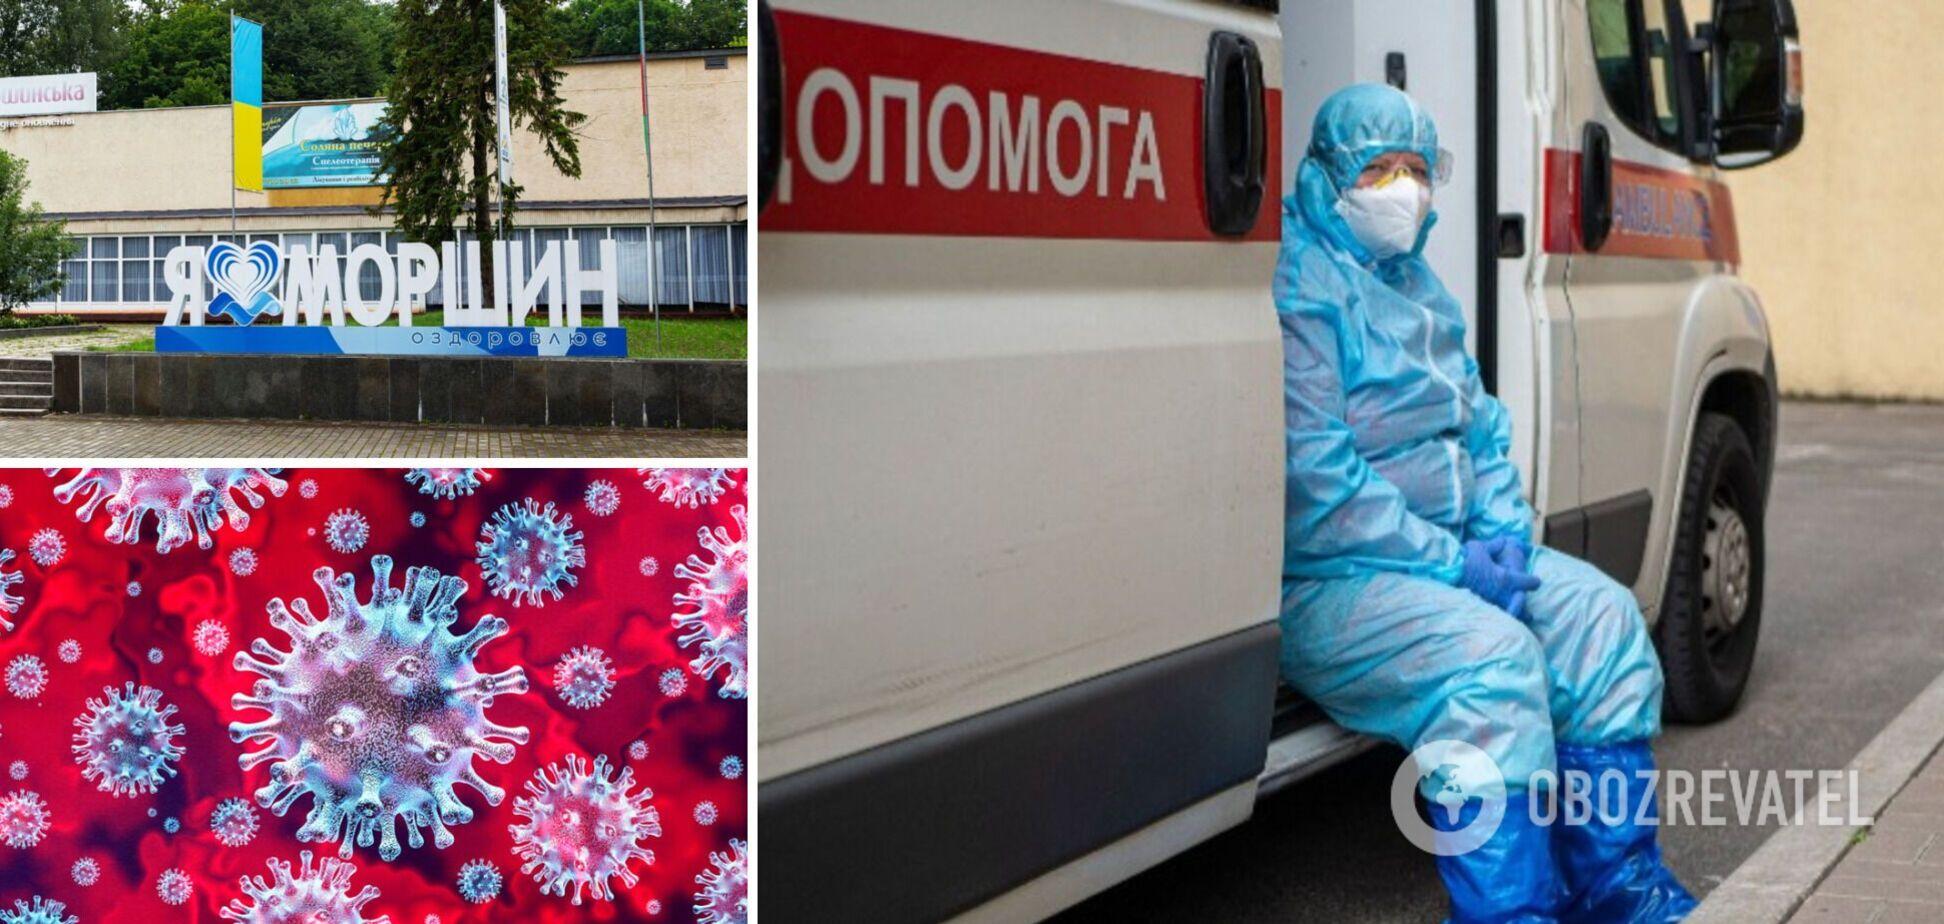 Пример для Украины: как в городе на Львовщине удалось вакцинировать 2/3 населения. Эксклюзивные детали